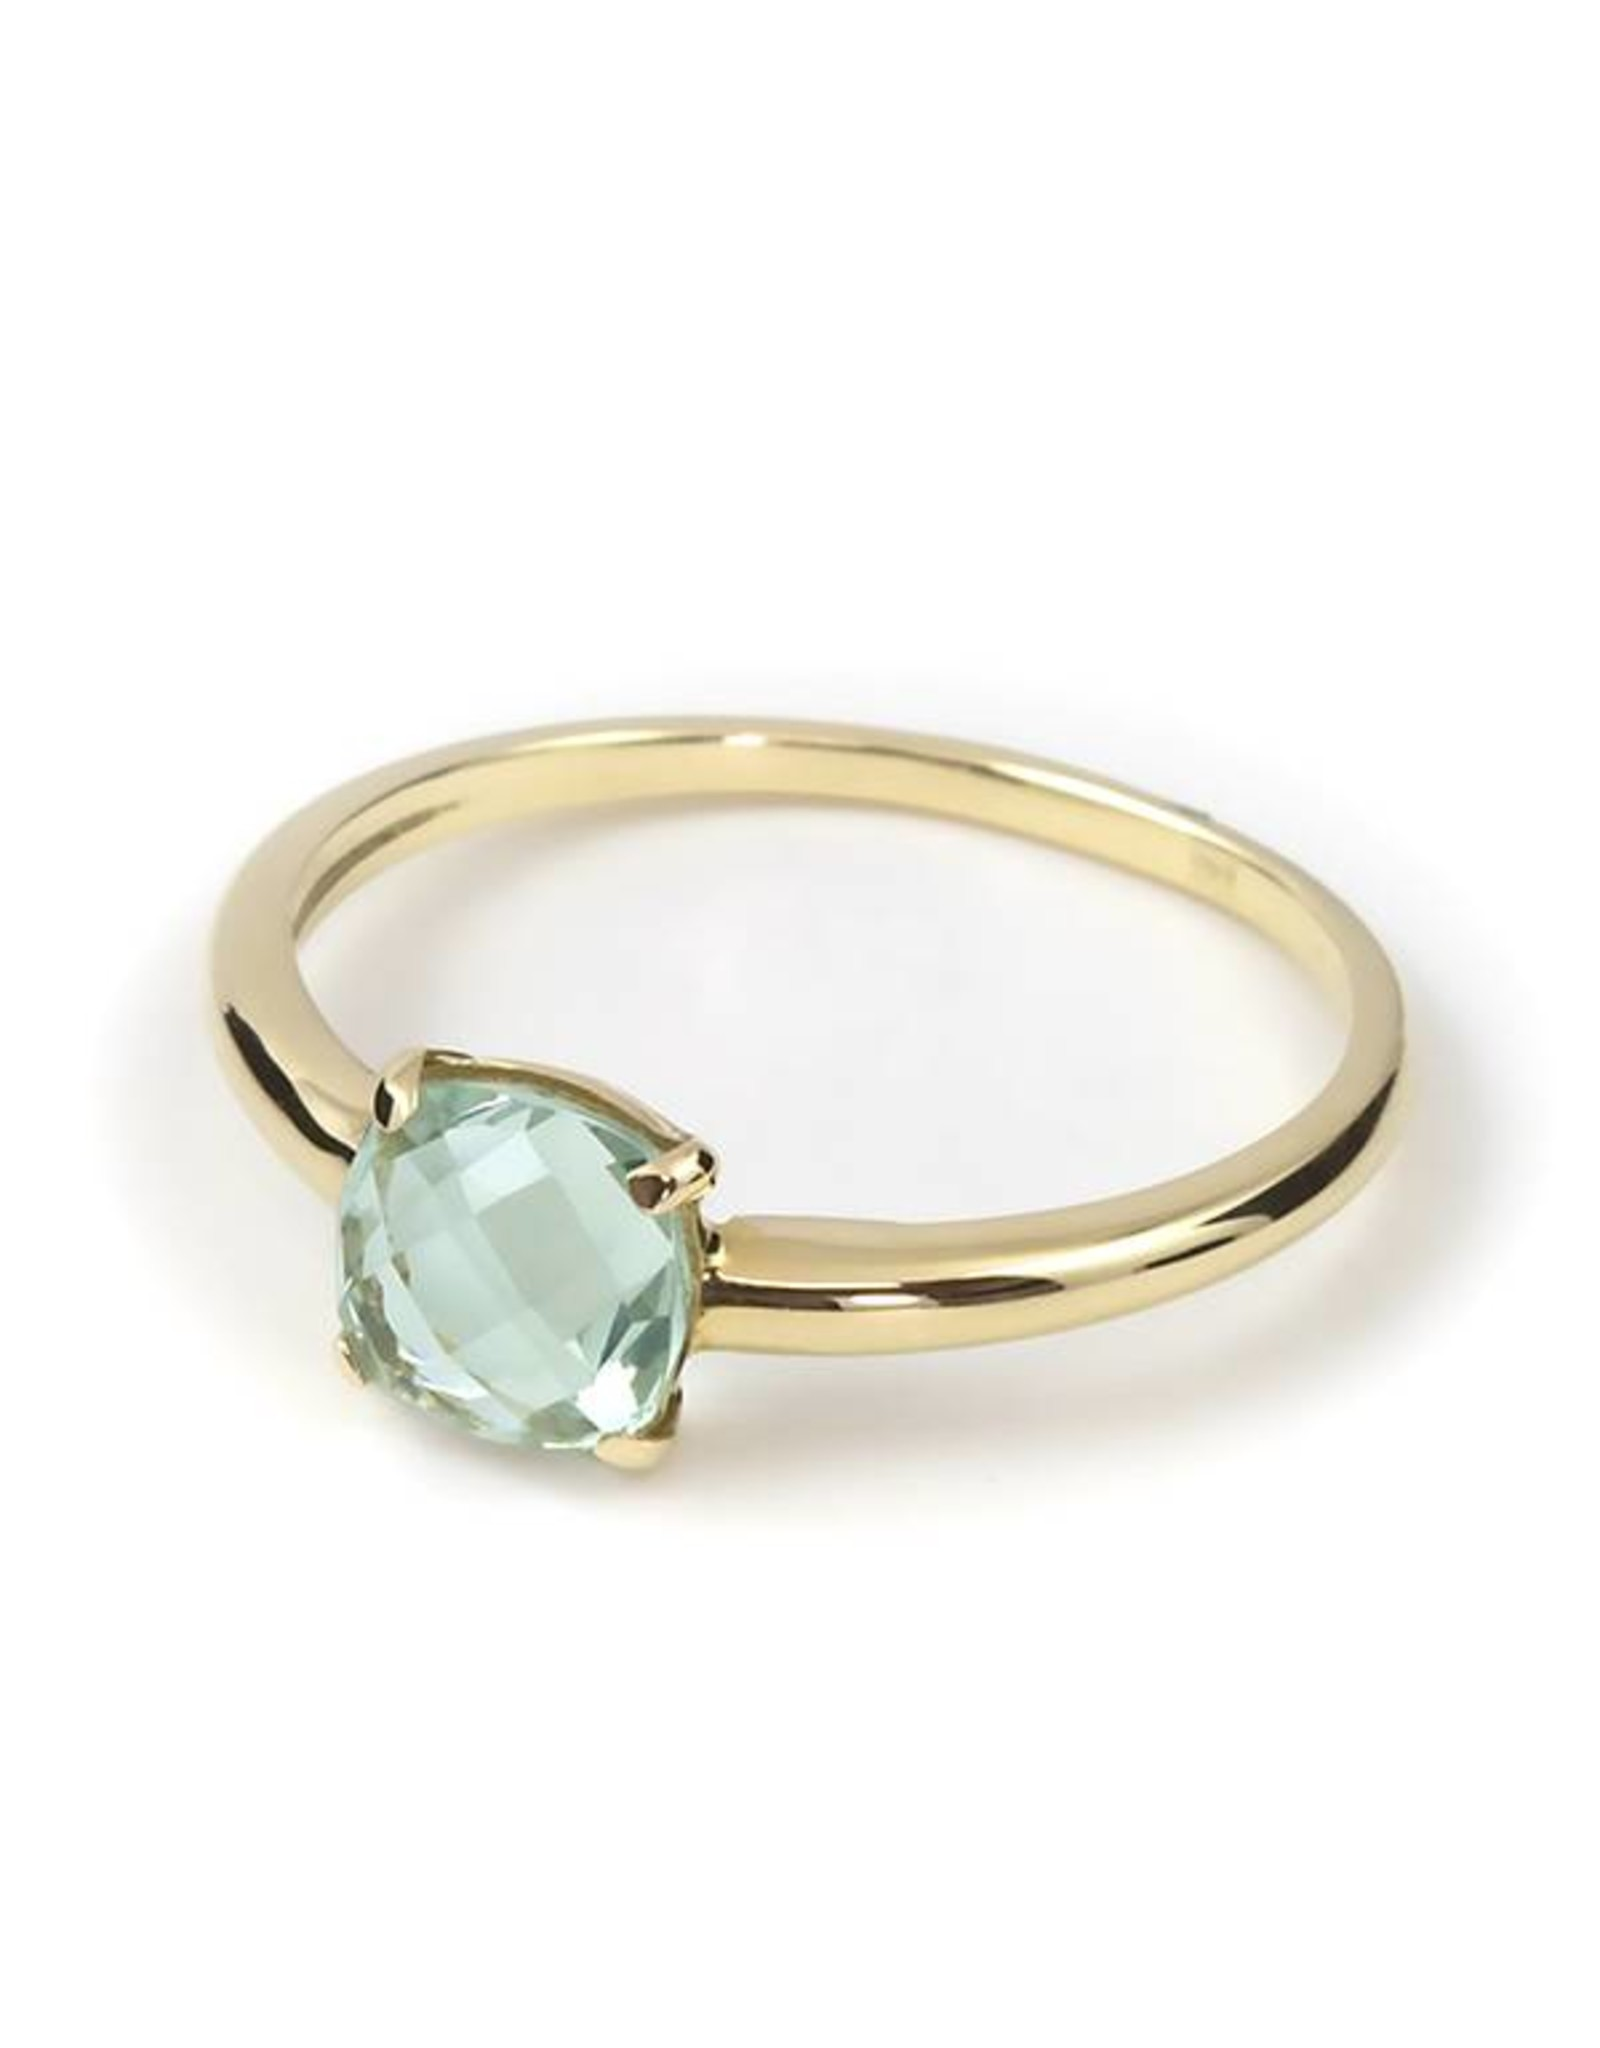 Navarro Ring - Gold + Green Amethyst